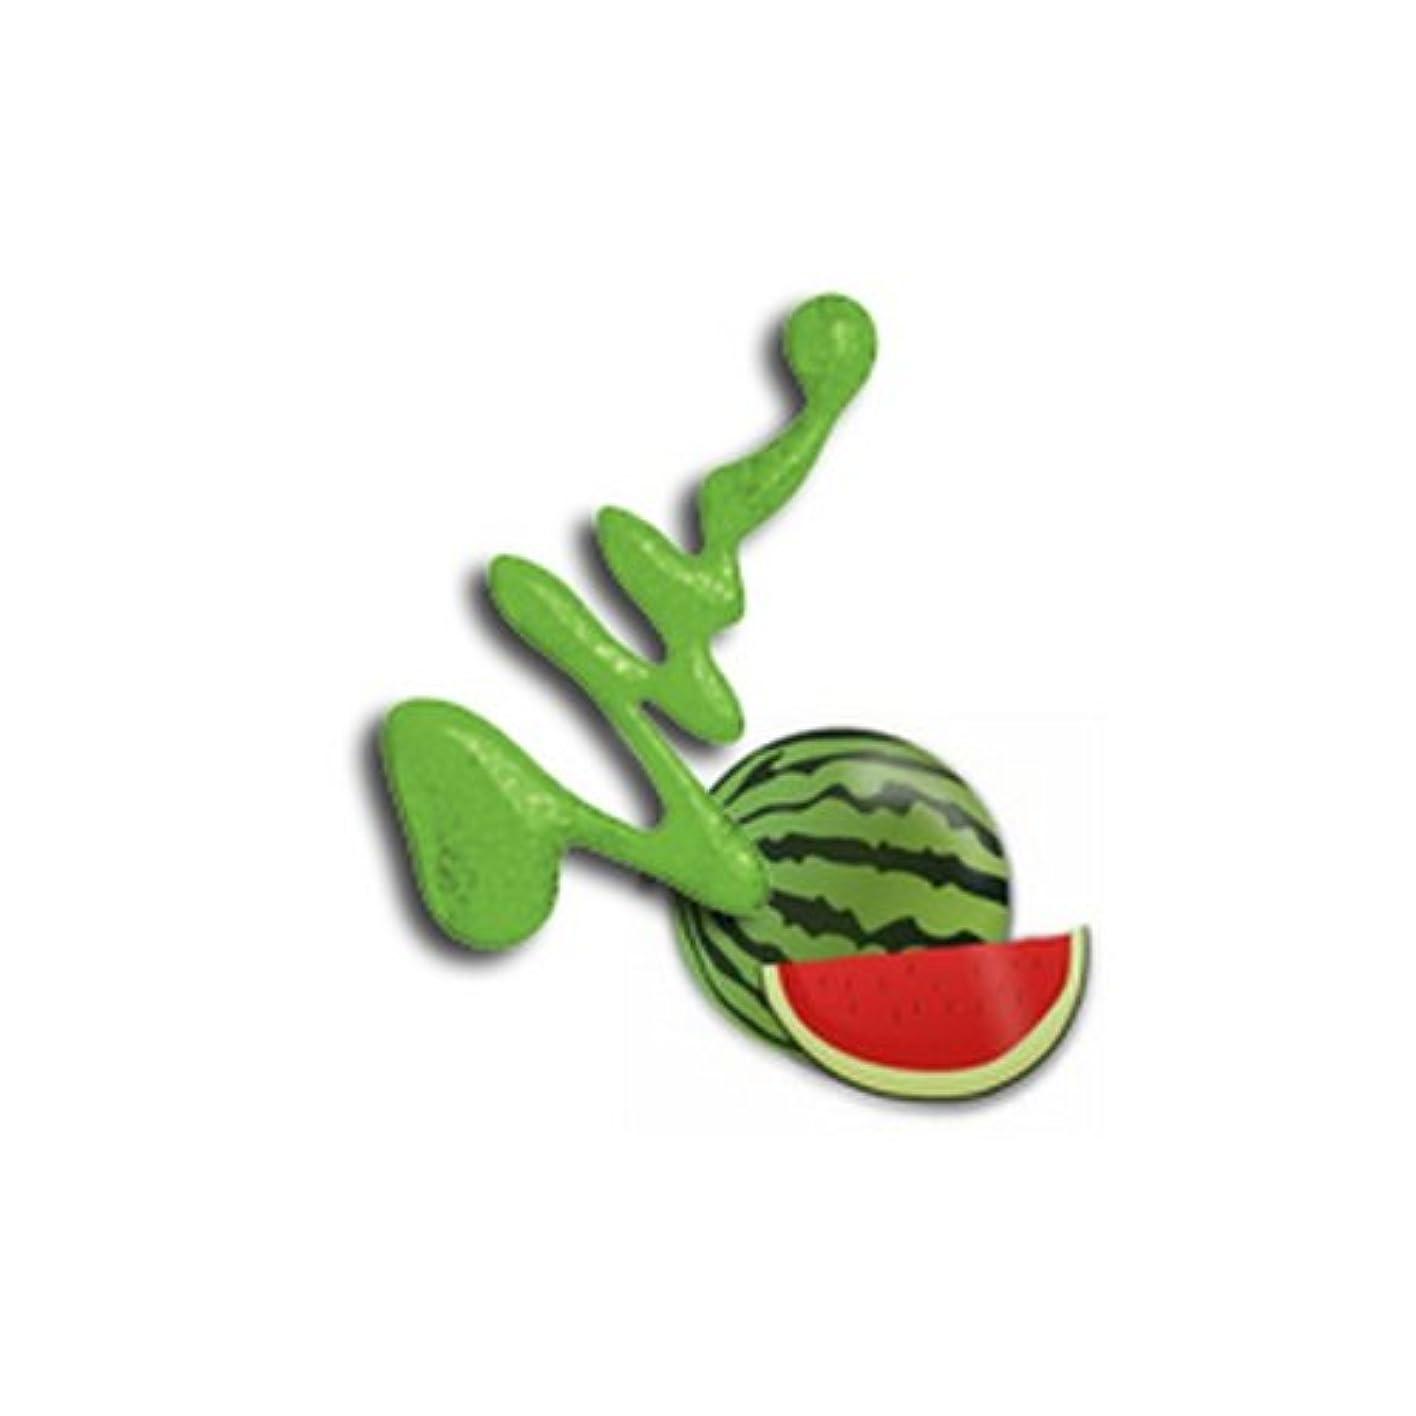 節約推測する眼LA GIRL Fruity Scented Nail Polish - Watermelon Splash (並行輸入品)